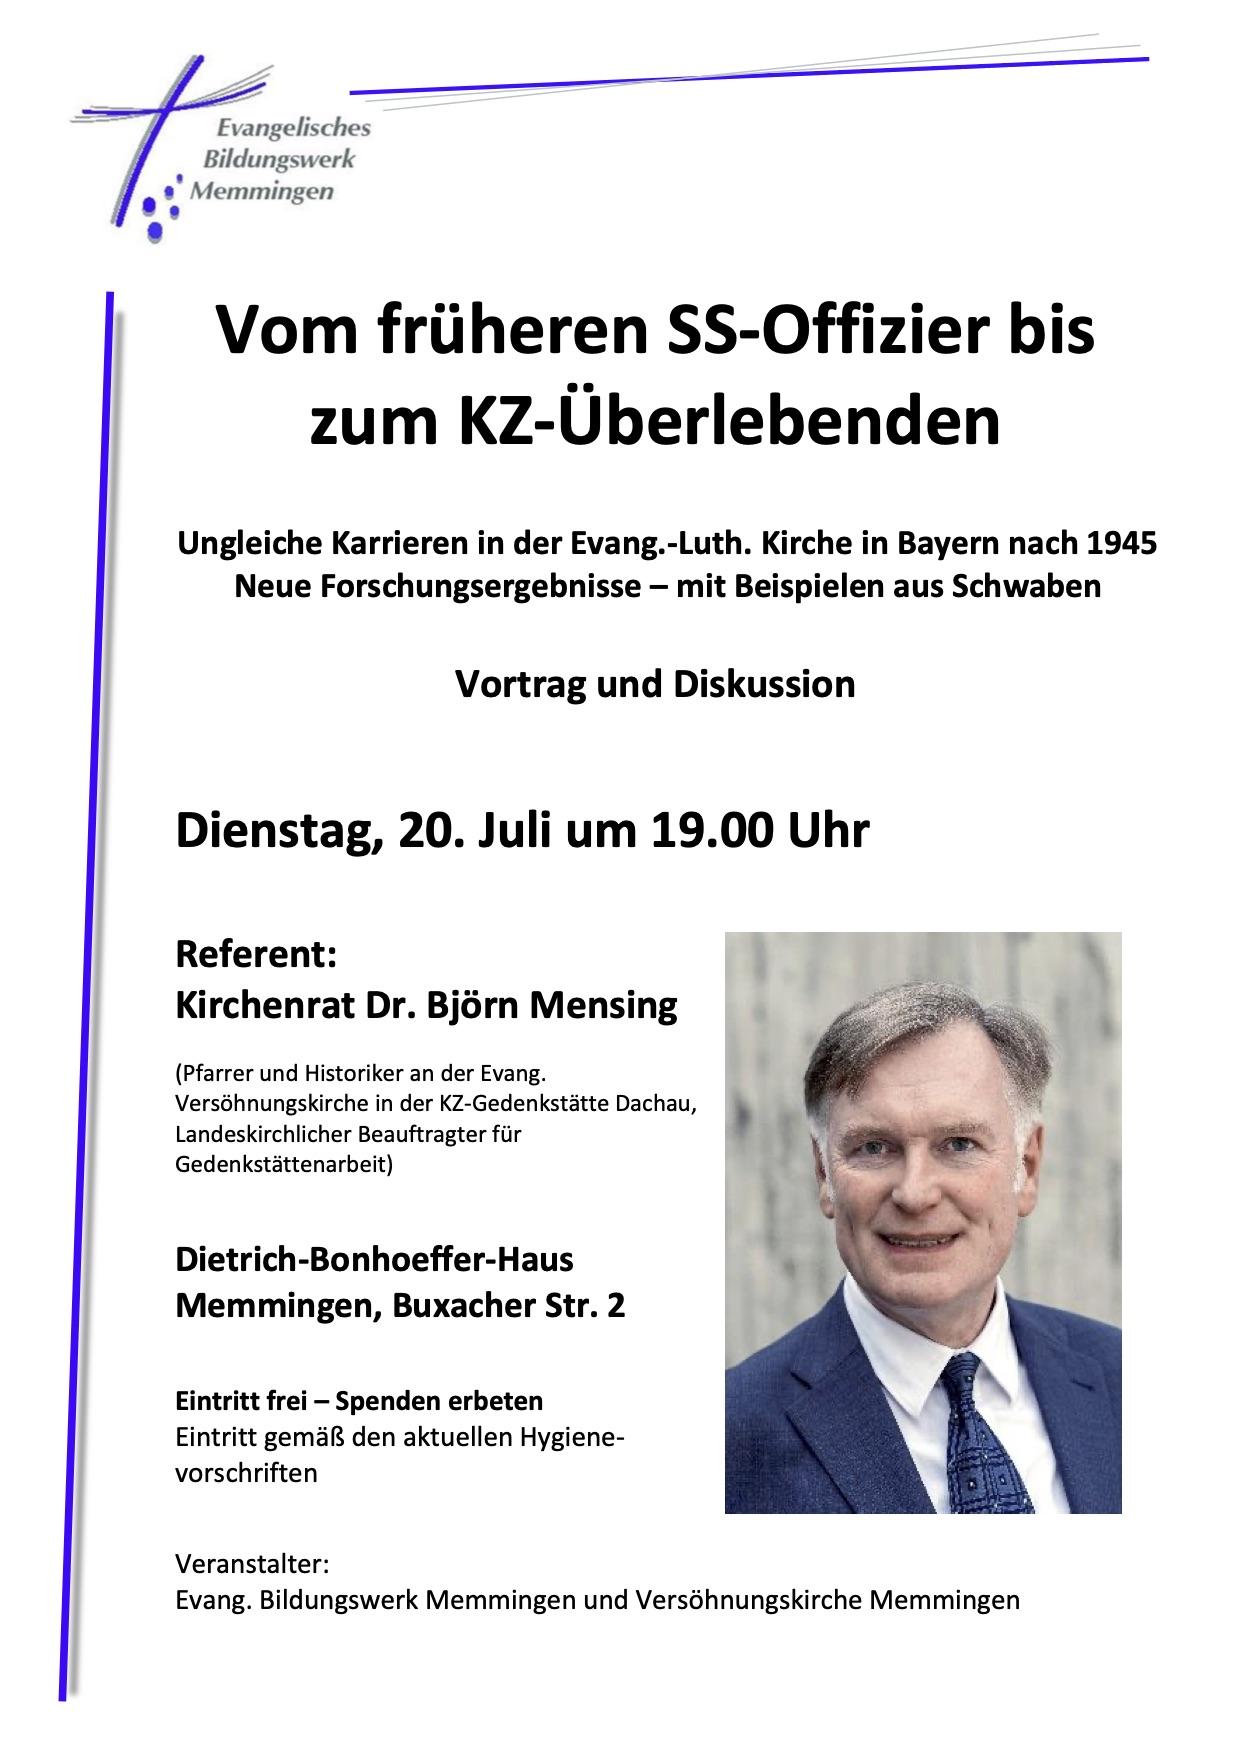 #Gedenktag des deutschen Wiederstandes Am 20 Juli um 19:00 Uhr im Dietrich-Bonhoeffer-Haus